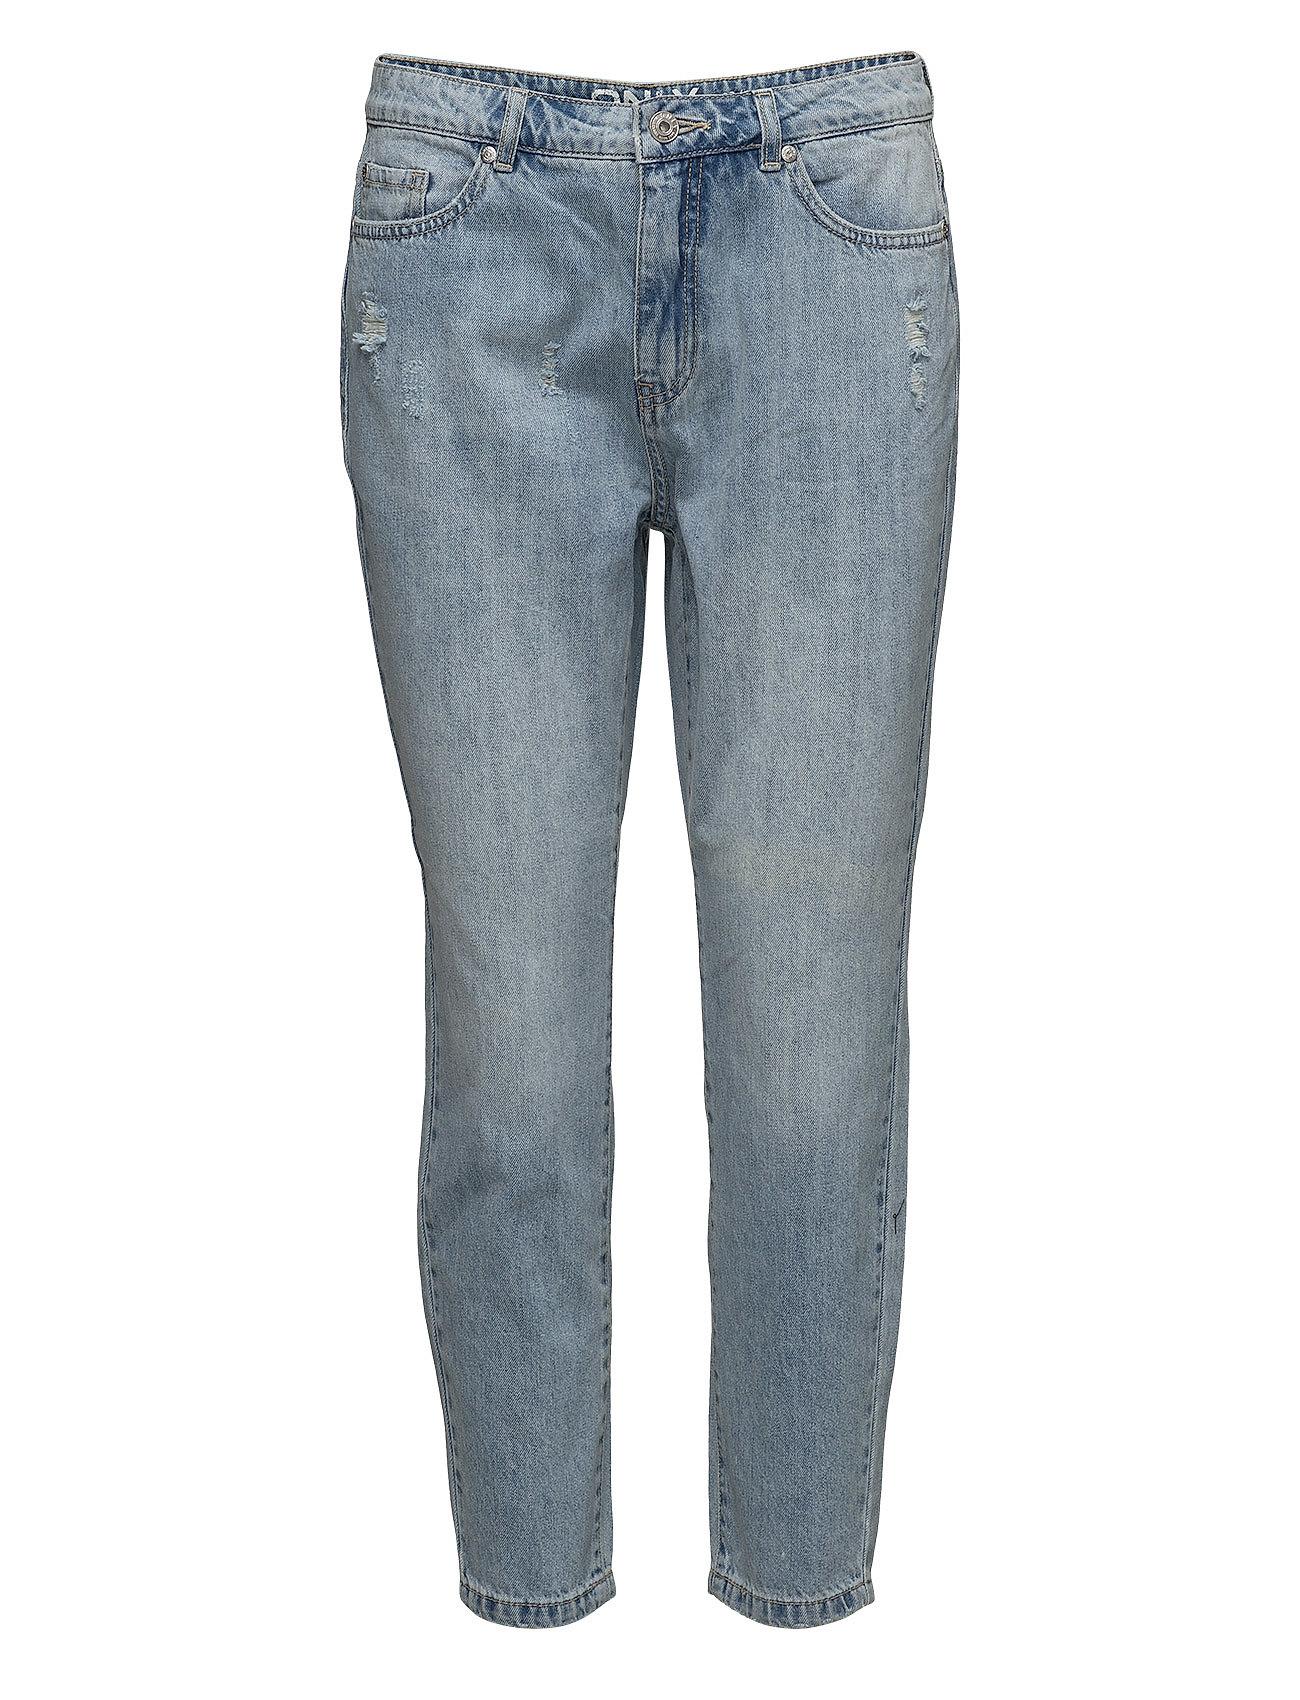 8db37115ac22 Shop Onltonni Bf Dnm Destroy Jeansbj7871 ONLY Jeans i til Damer hos Boozt.dk